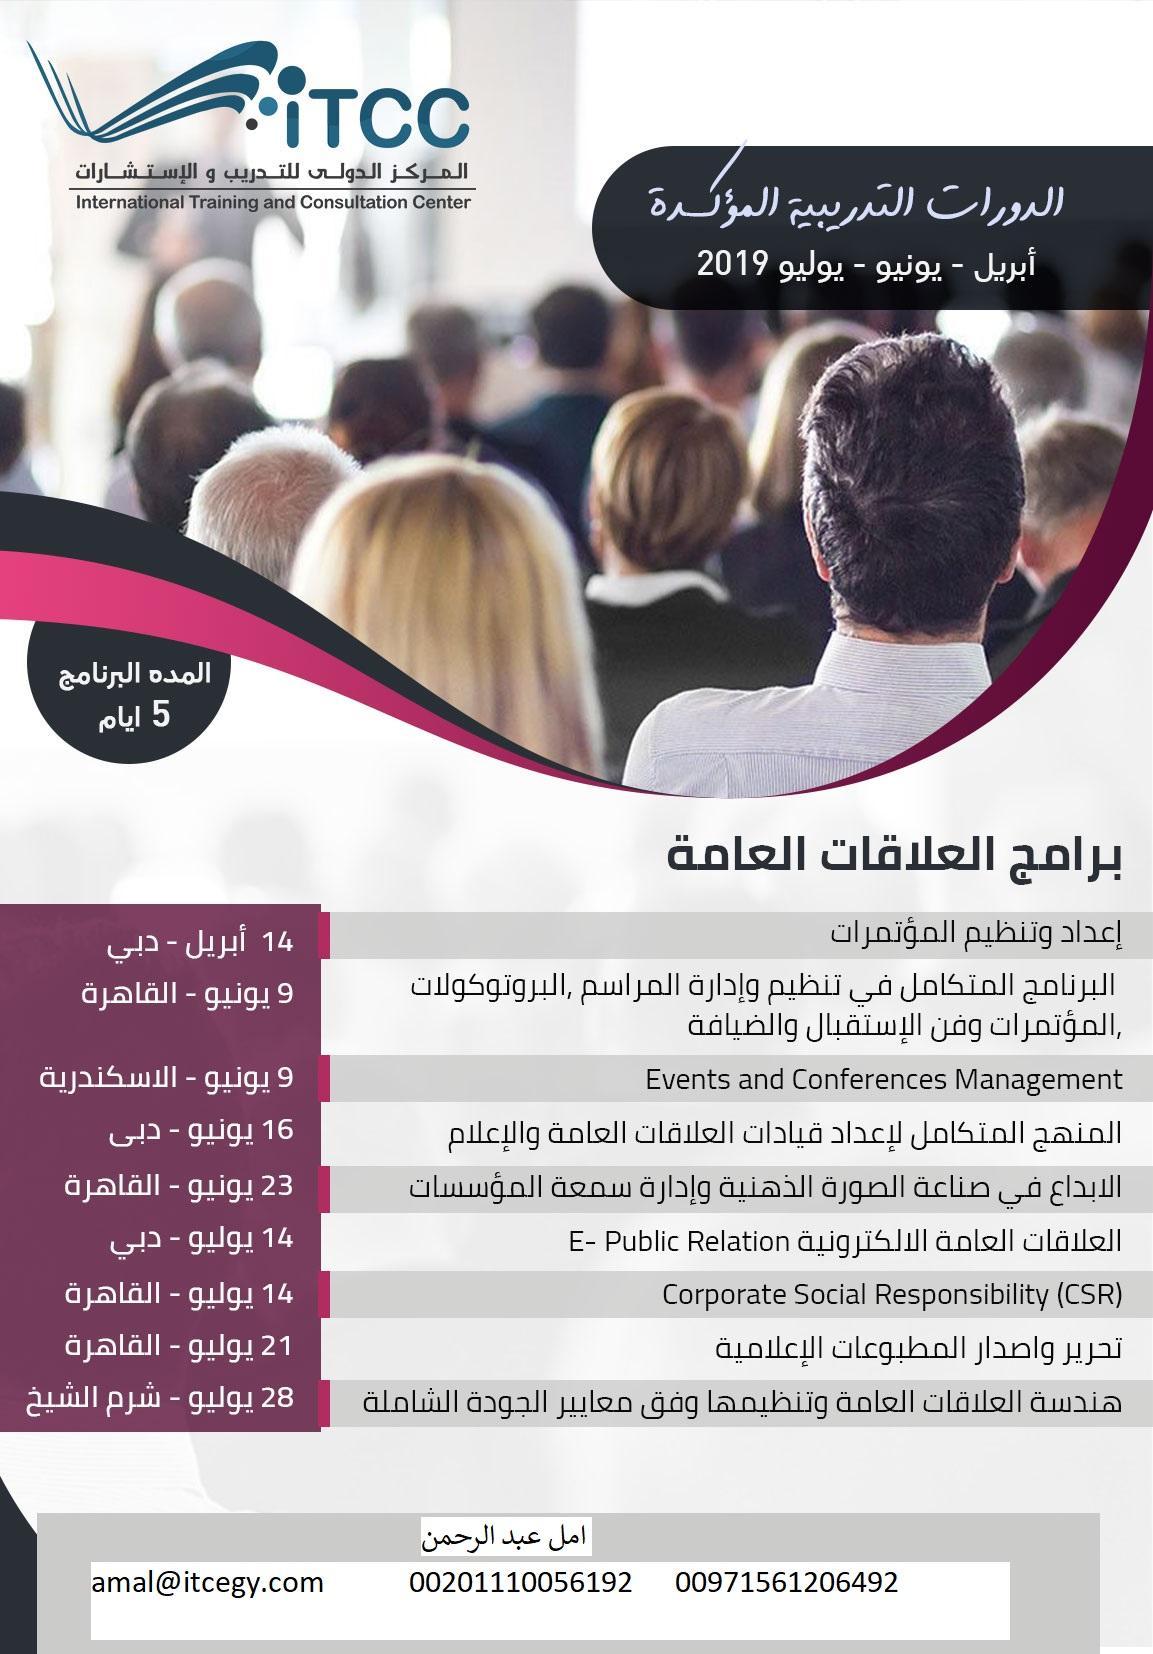 تدريبية الاخراج التليفزيوني السعودية 246161738.jpg